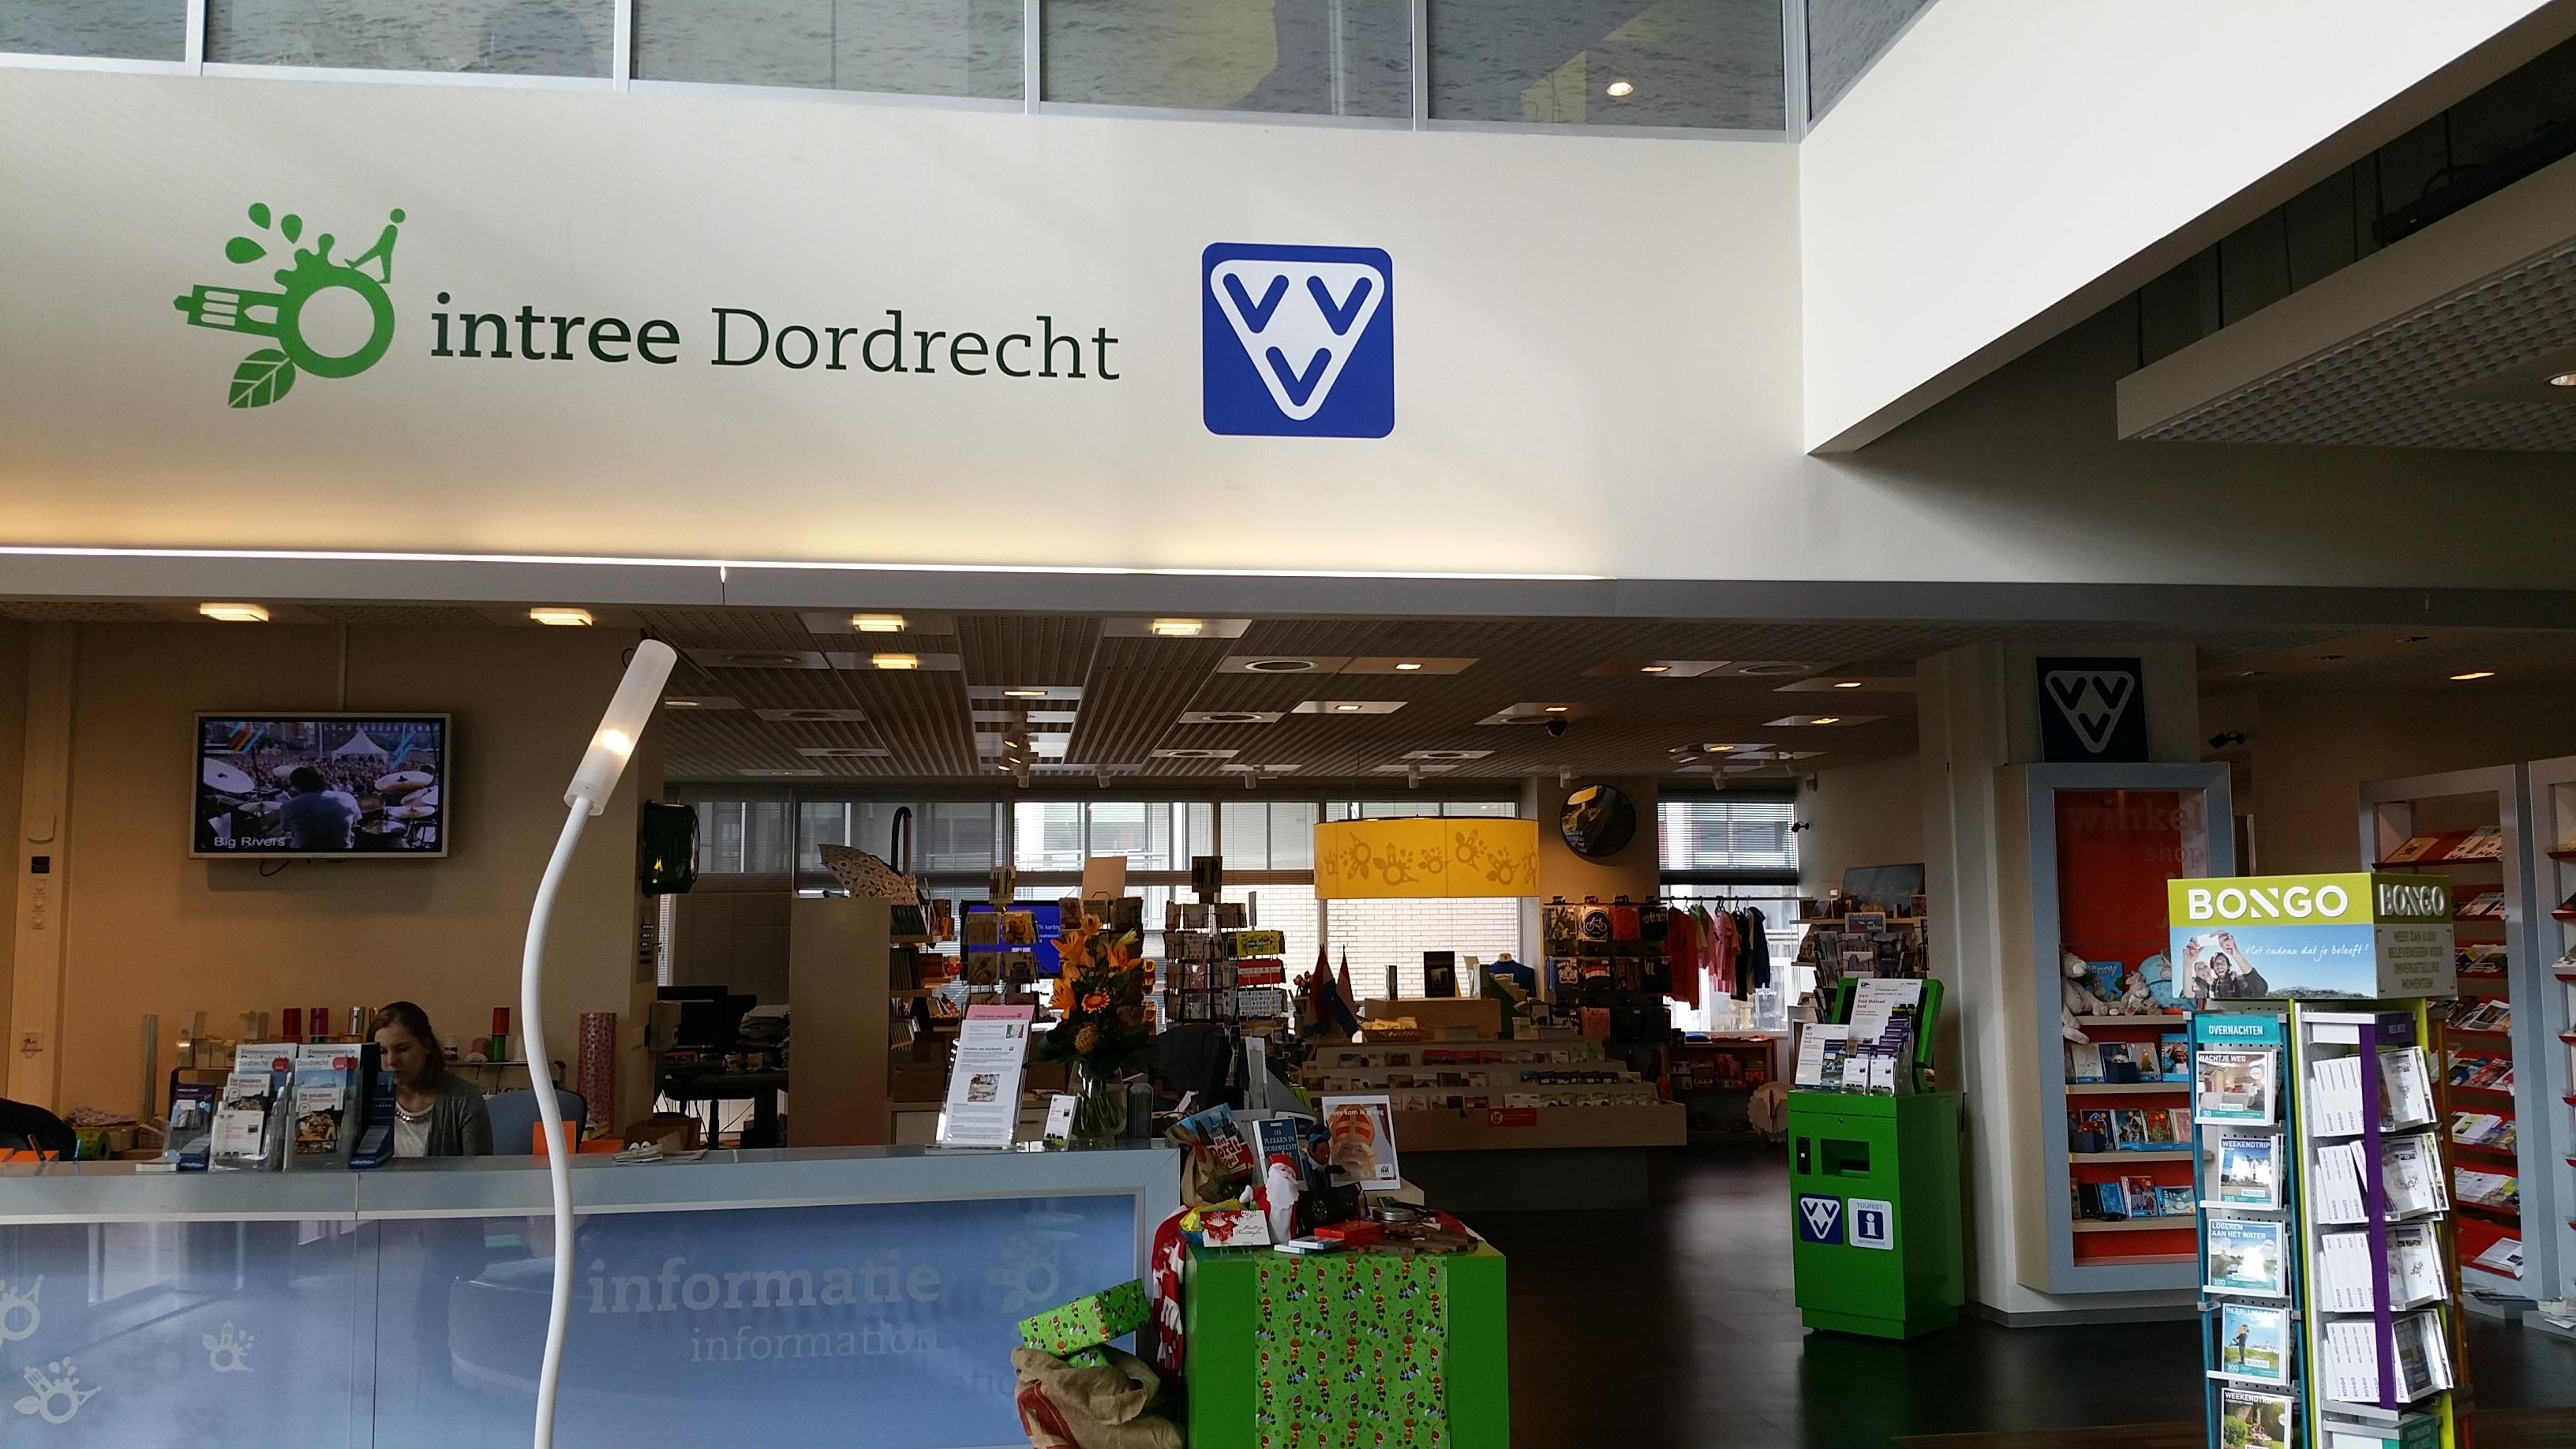 Intree Dordrecht (VVV)